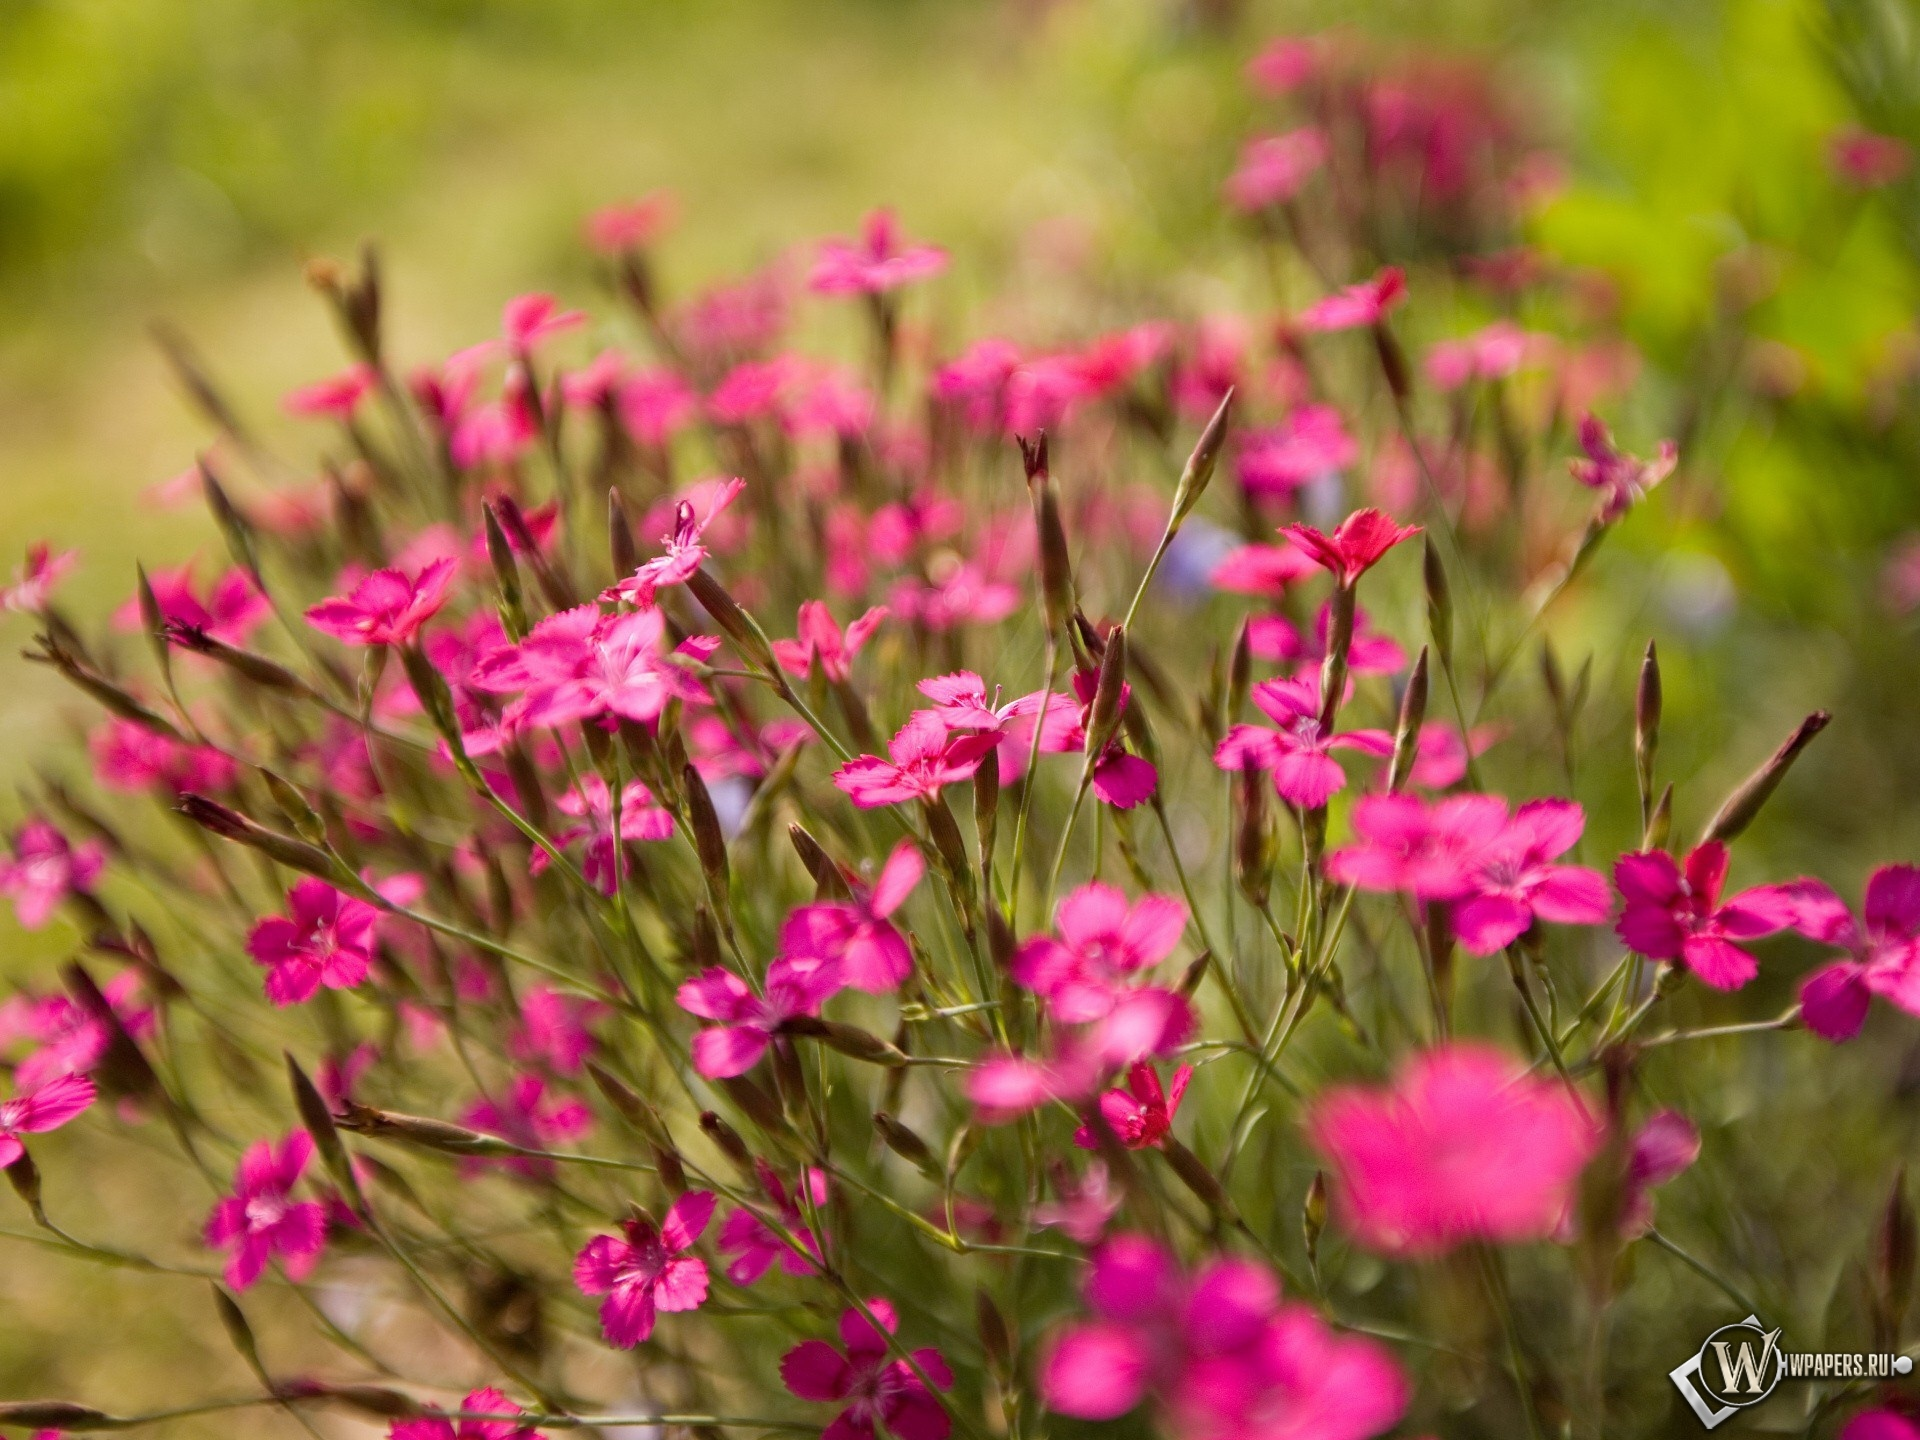 Луговые цветы 1920x1440